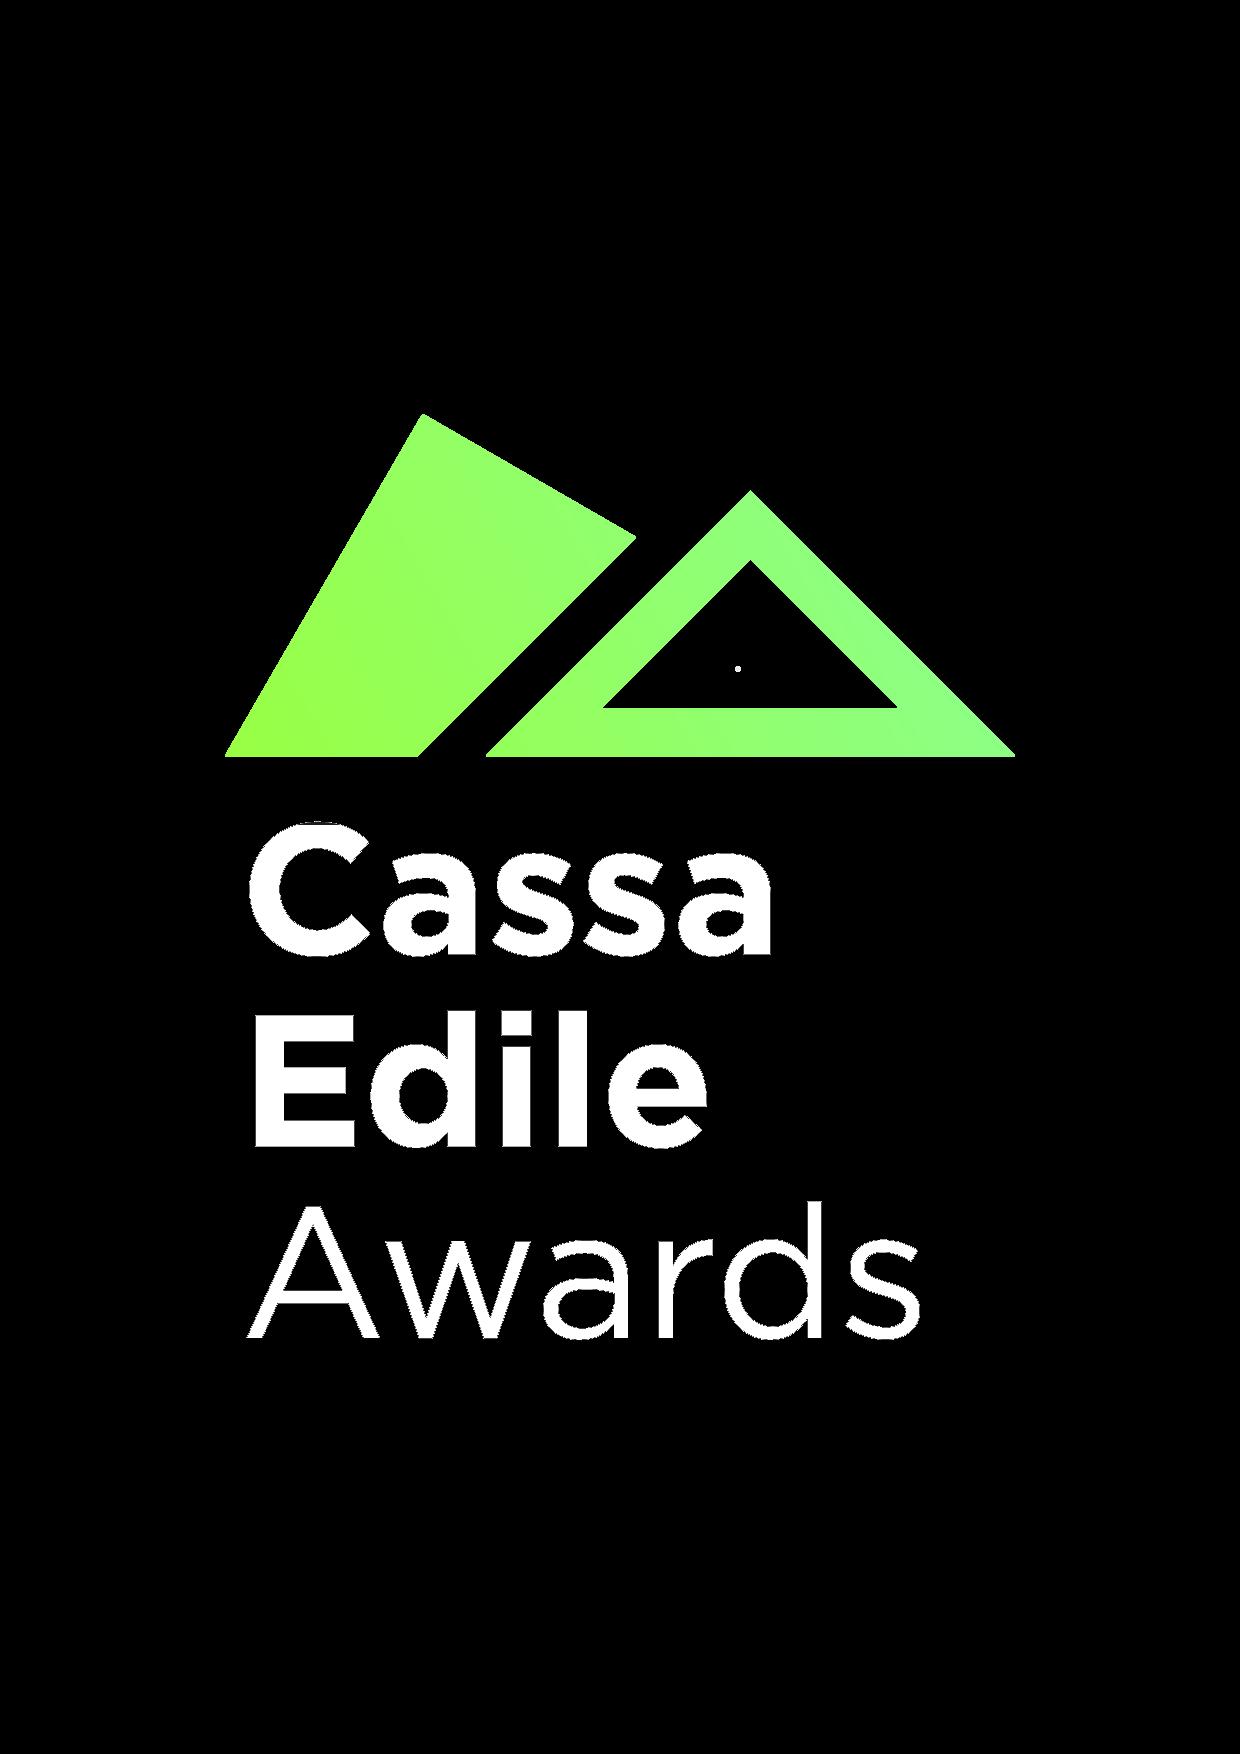 Cassa Edile Awards